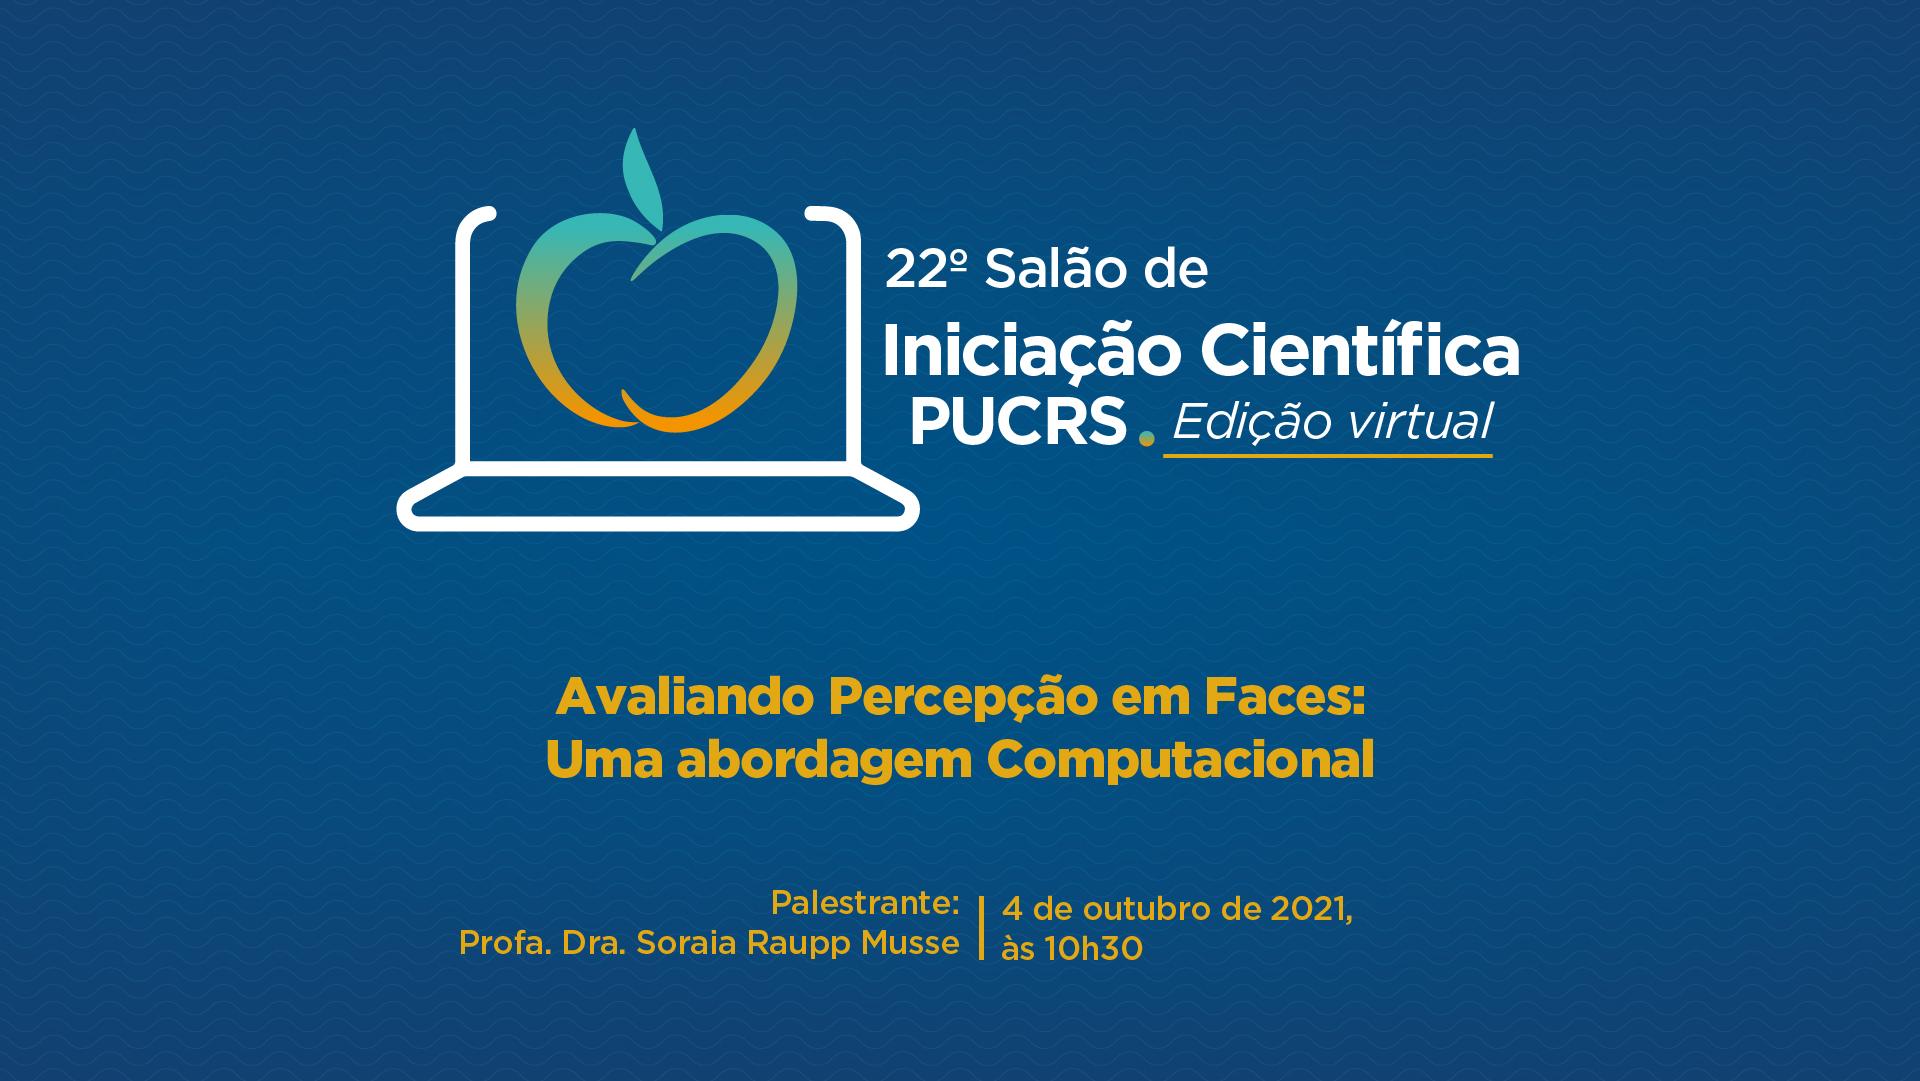 22ª edição do Salão de Iniciação Científica reúne 686 estudantes